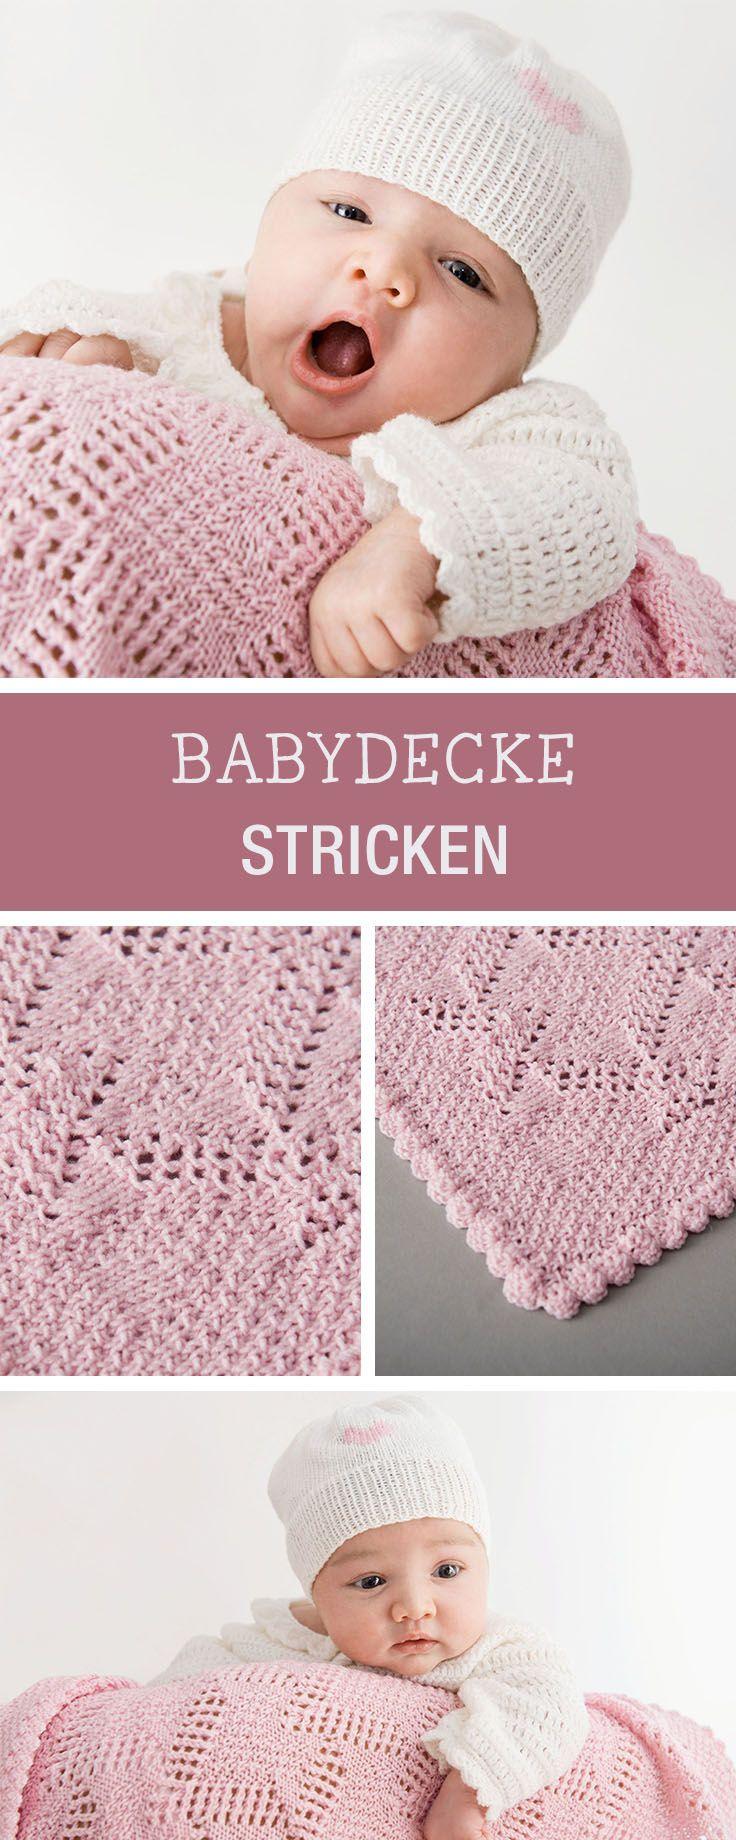 Stricken - DIY-Anleitungen | Stricken, Babydecken und Handarbeiten